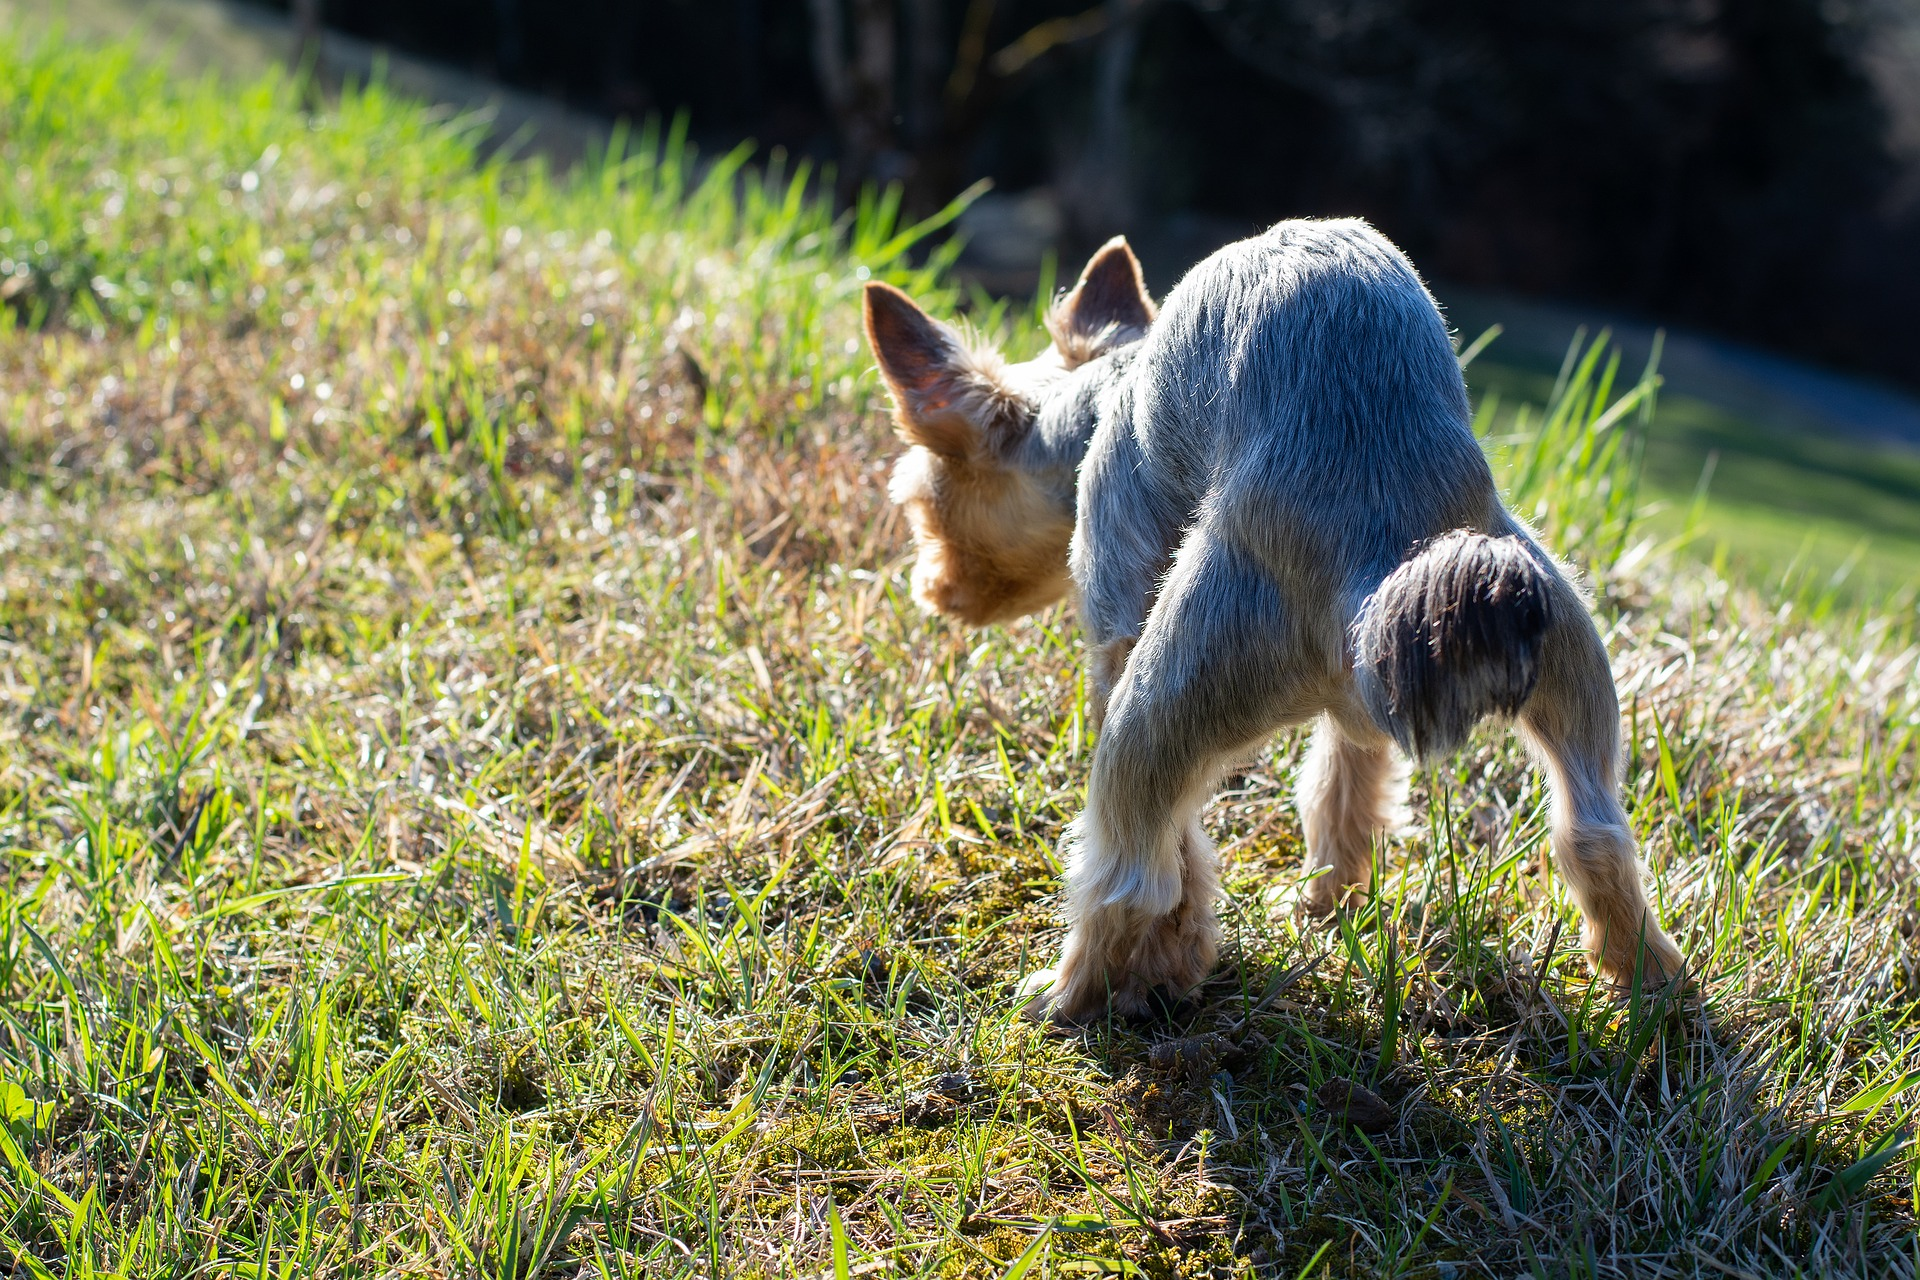 Analdrüsen beim Hund – Behandlung bei Beschwerden